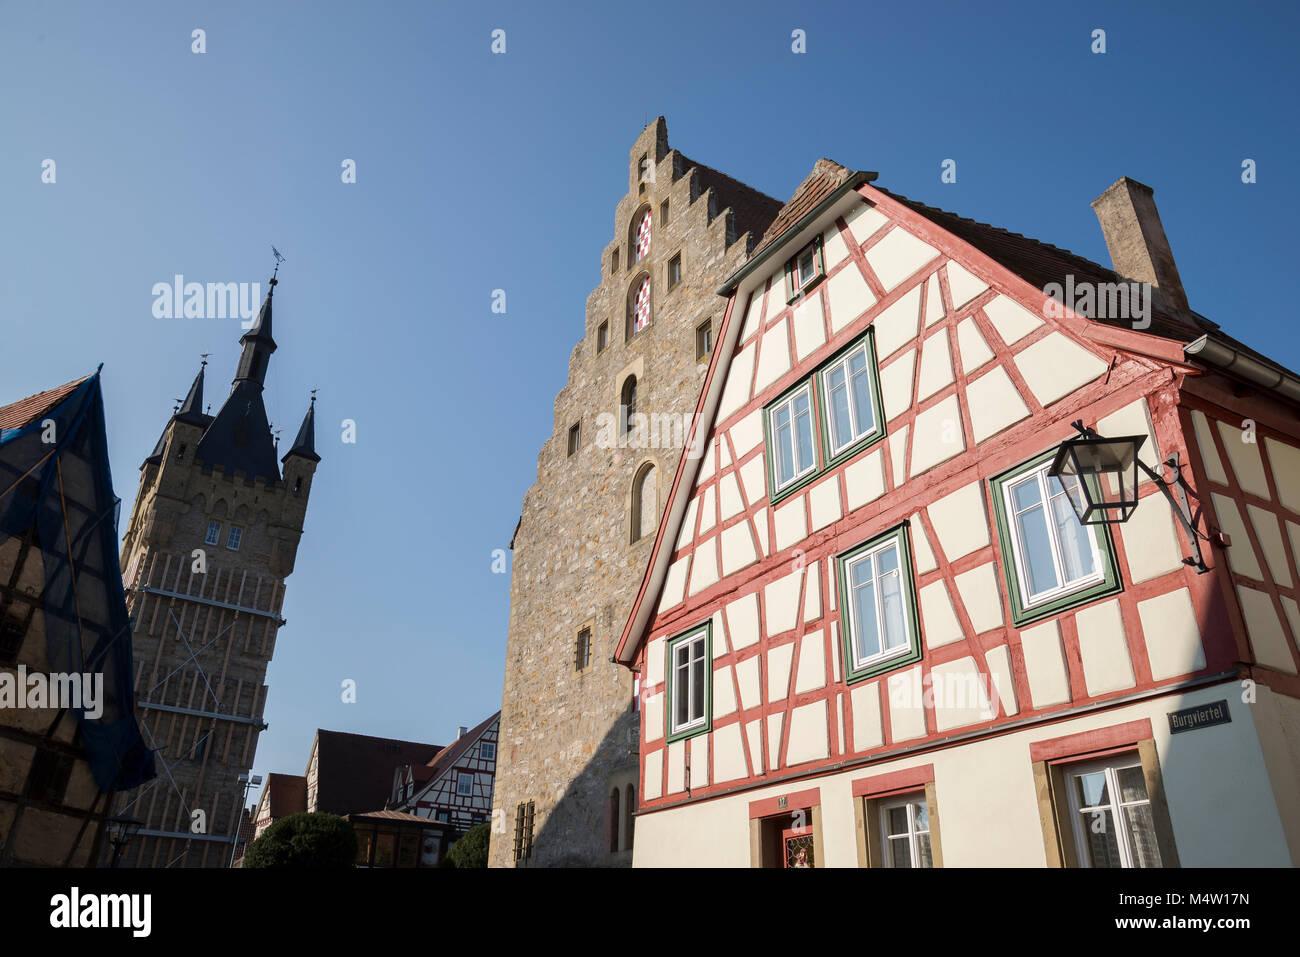 Bad Wimpfen, Baden-Württemberg, Deutschland, Europa - Stock Image